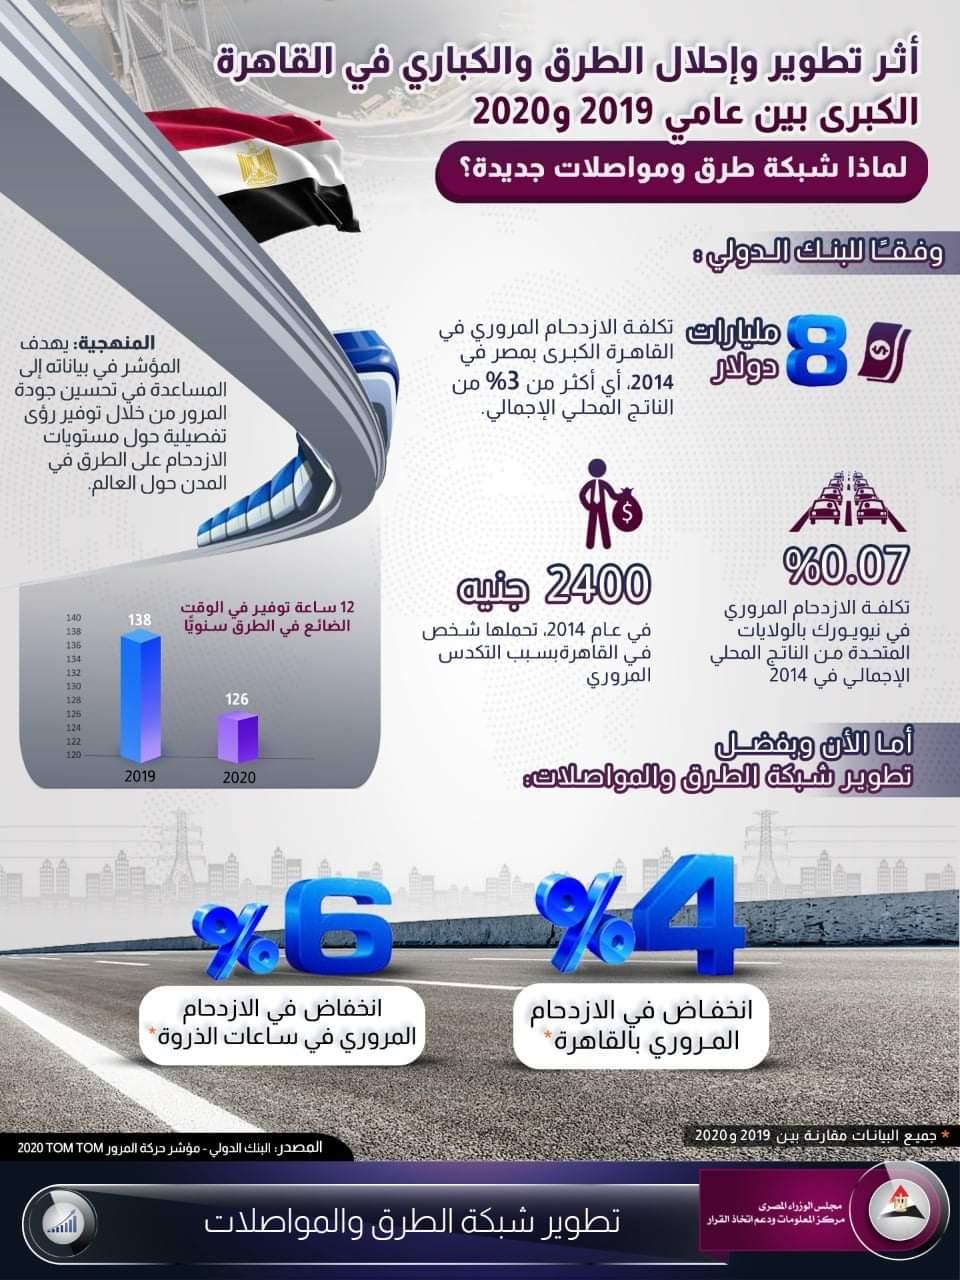 الازدحام المروري